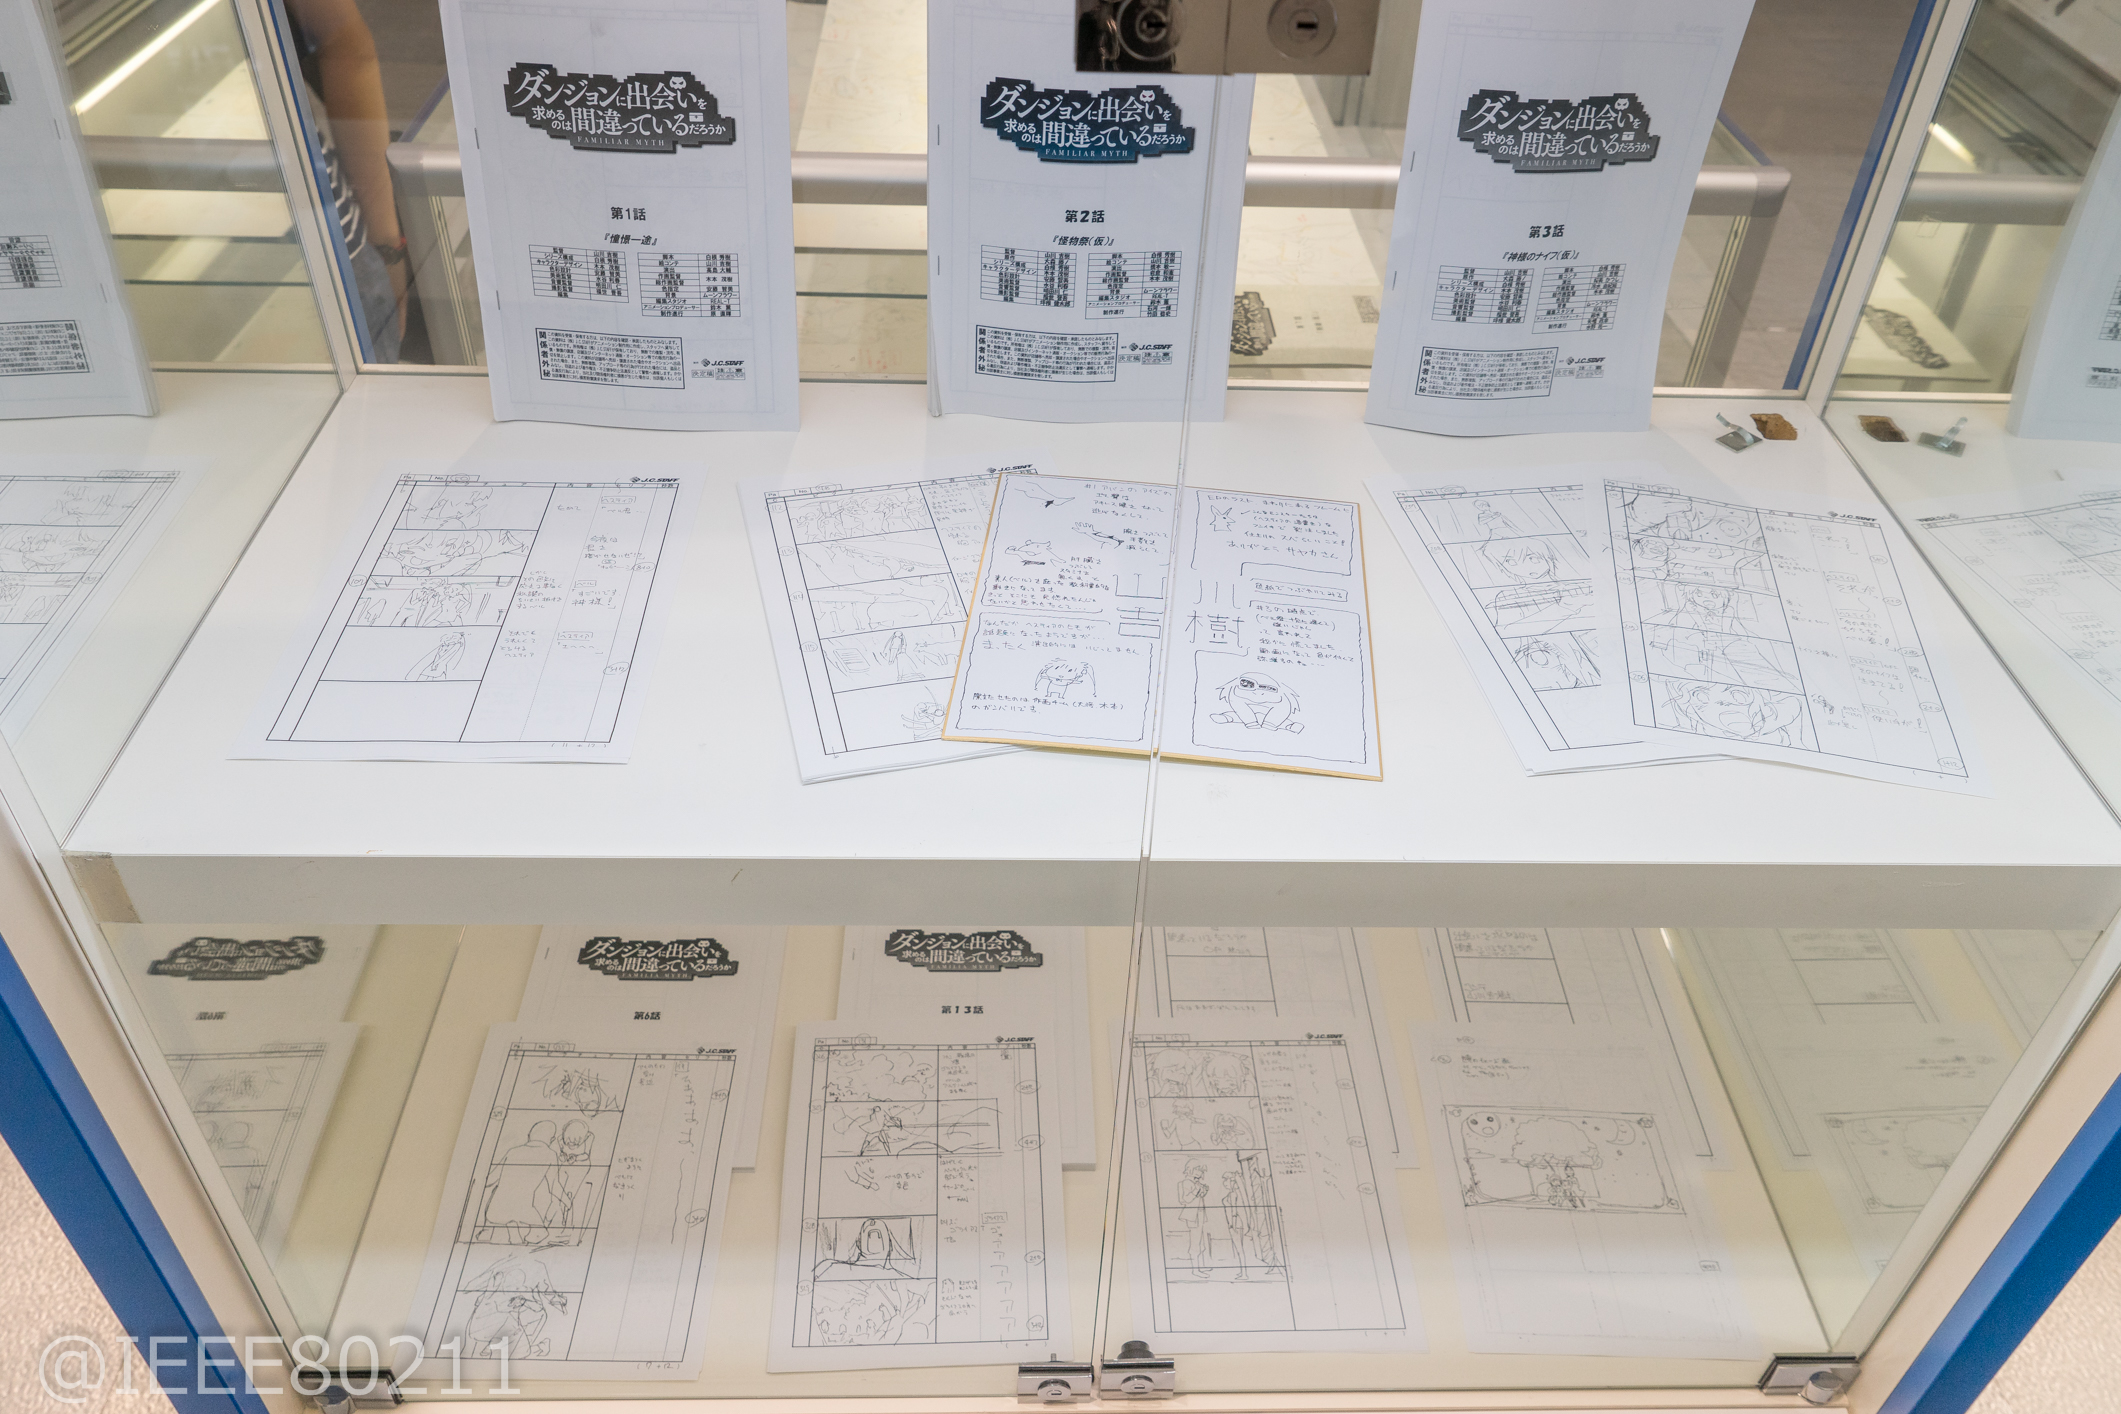 Dungeon ni Deai wo Motomeru no wa Machigatteiru Darou ka Danmachi Exhibition in Akiba Previewed 022